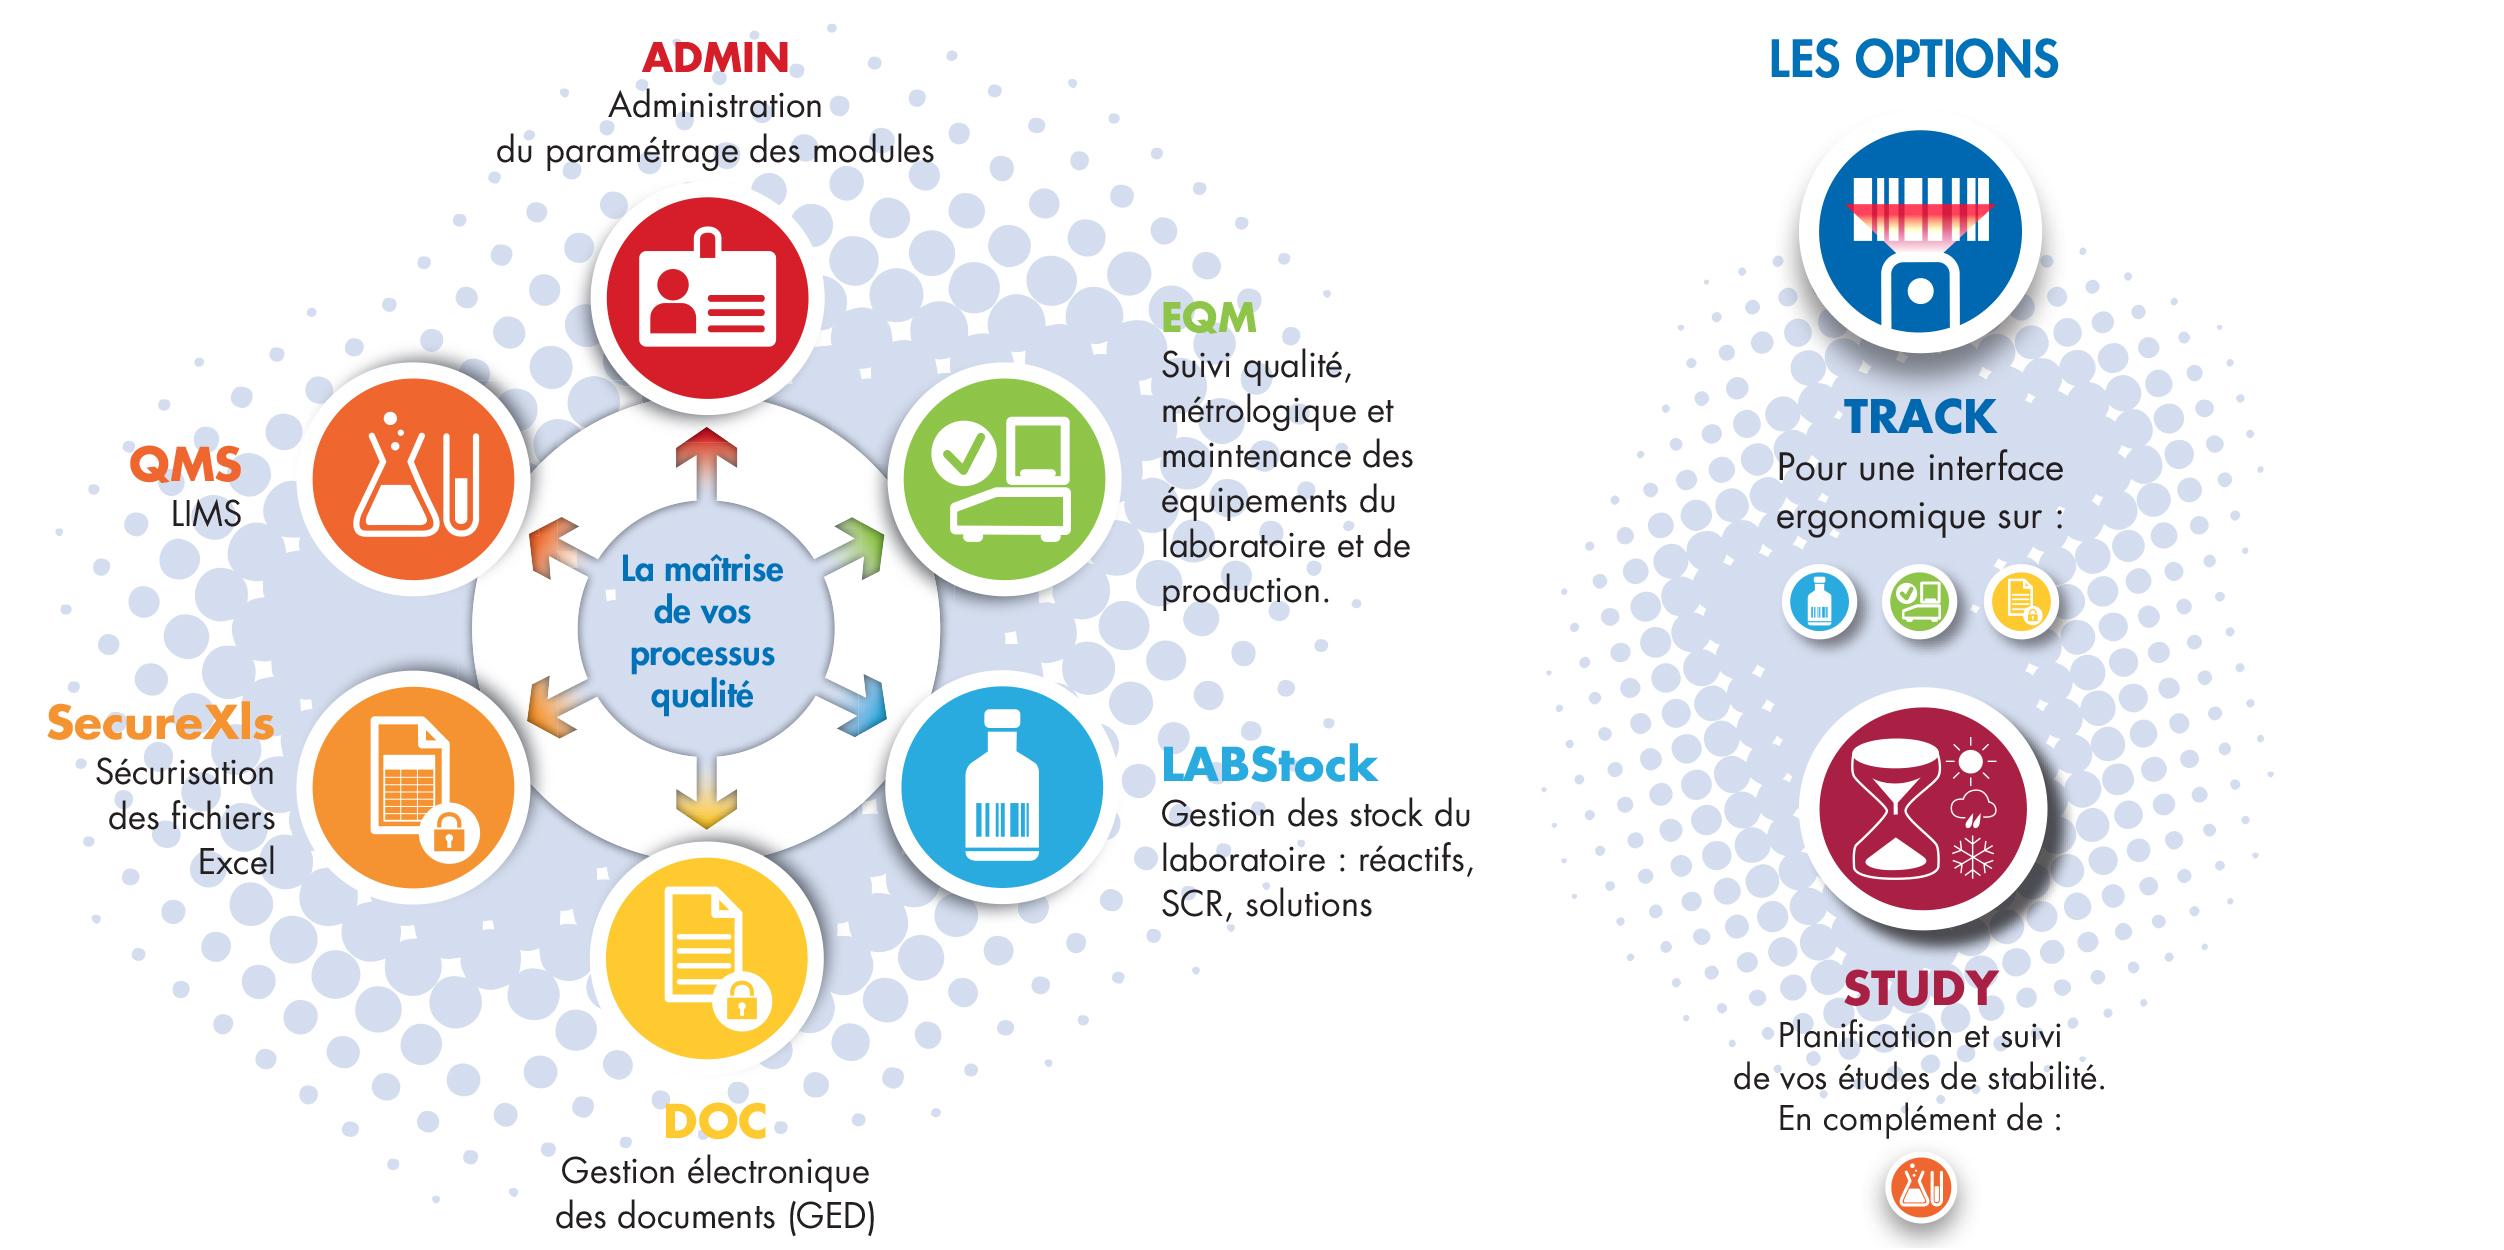 gestion du laboratoire - processus qualité - gestion de stock - gestion des équipements, gestion documentaire, LIMS